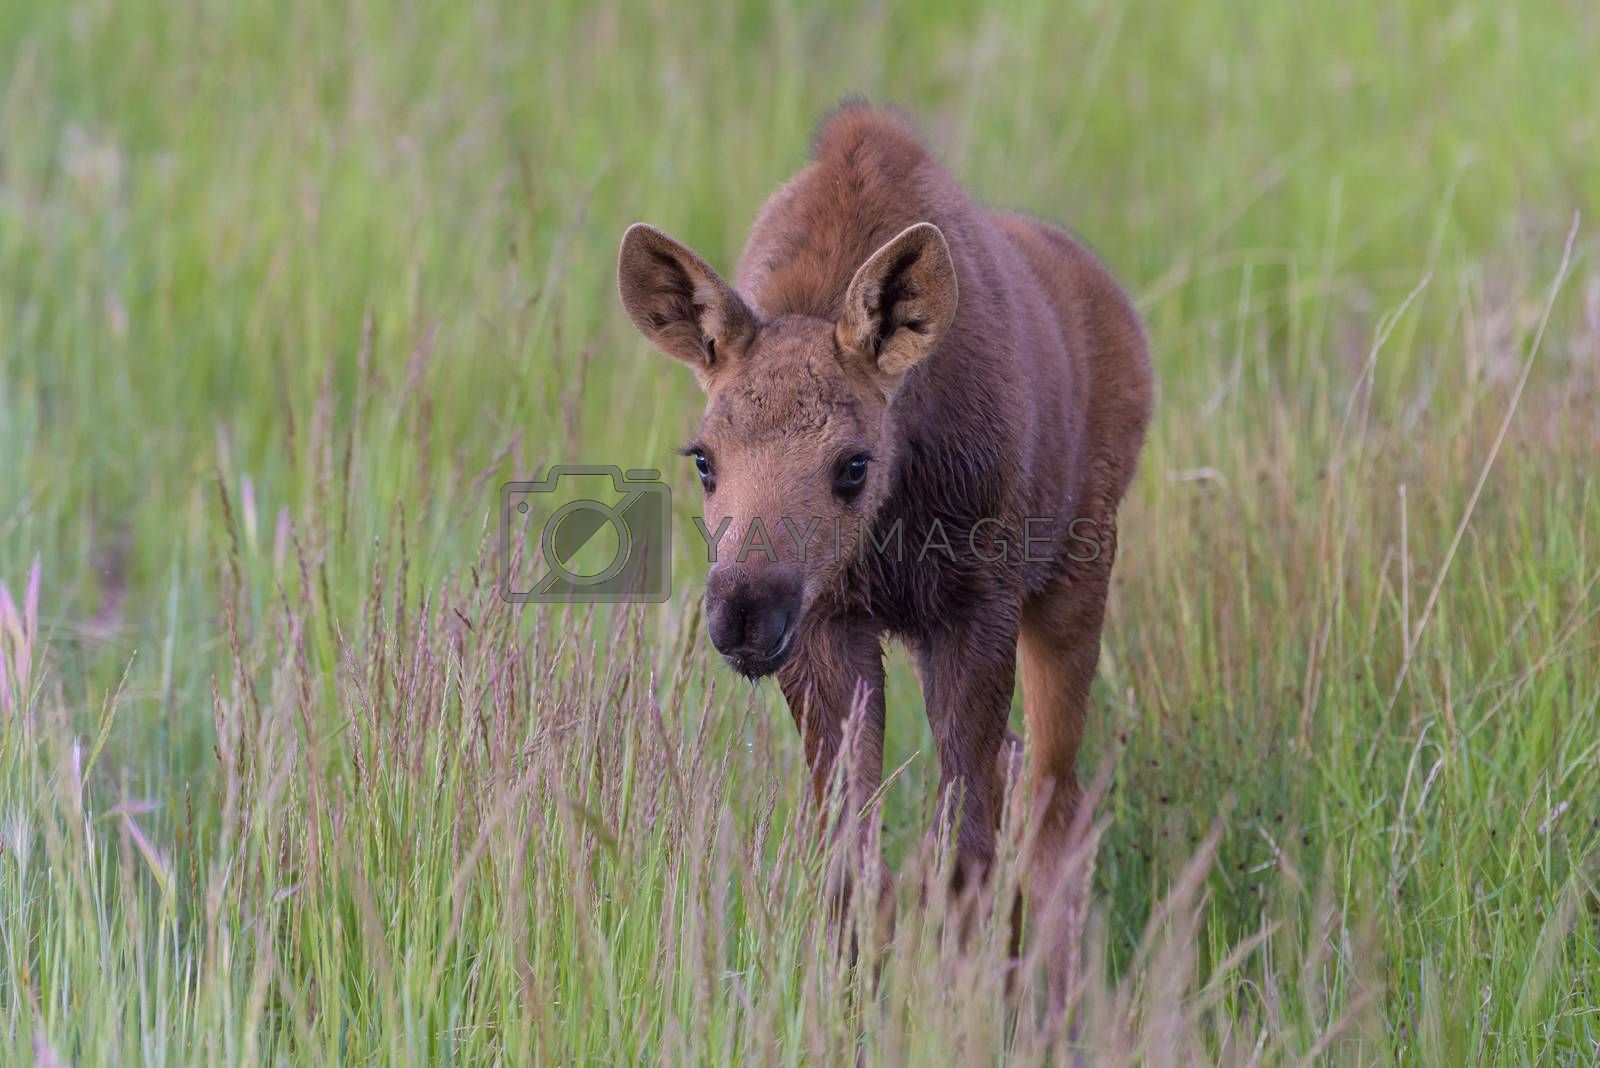 Moose Calf in Tall Grass. Shiras Moose in Colorado. Shiras are t by Gary Gray